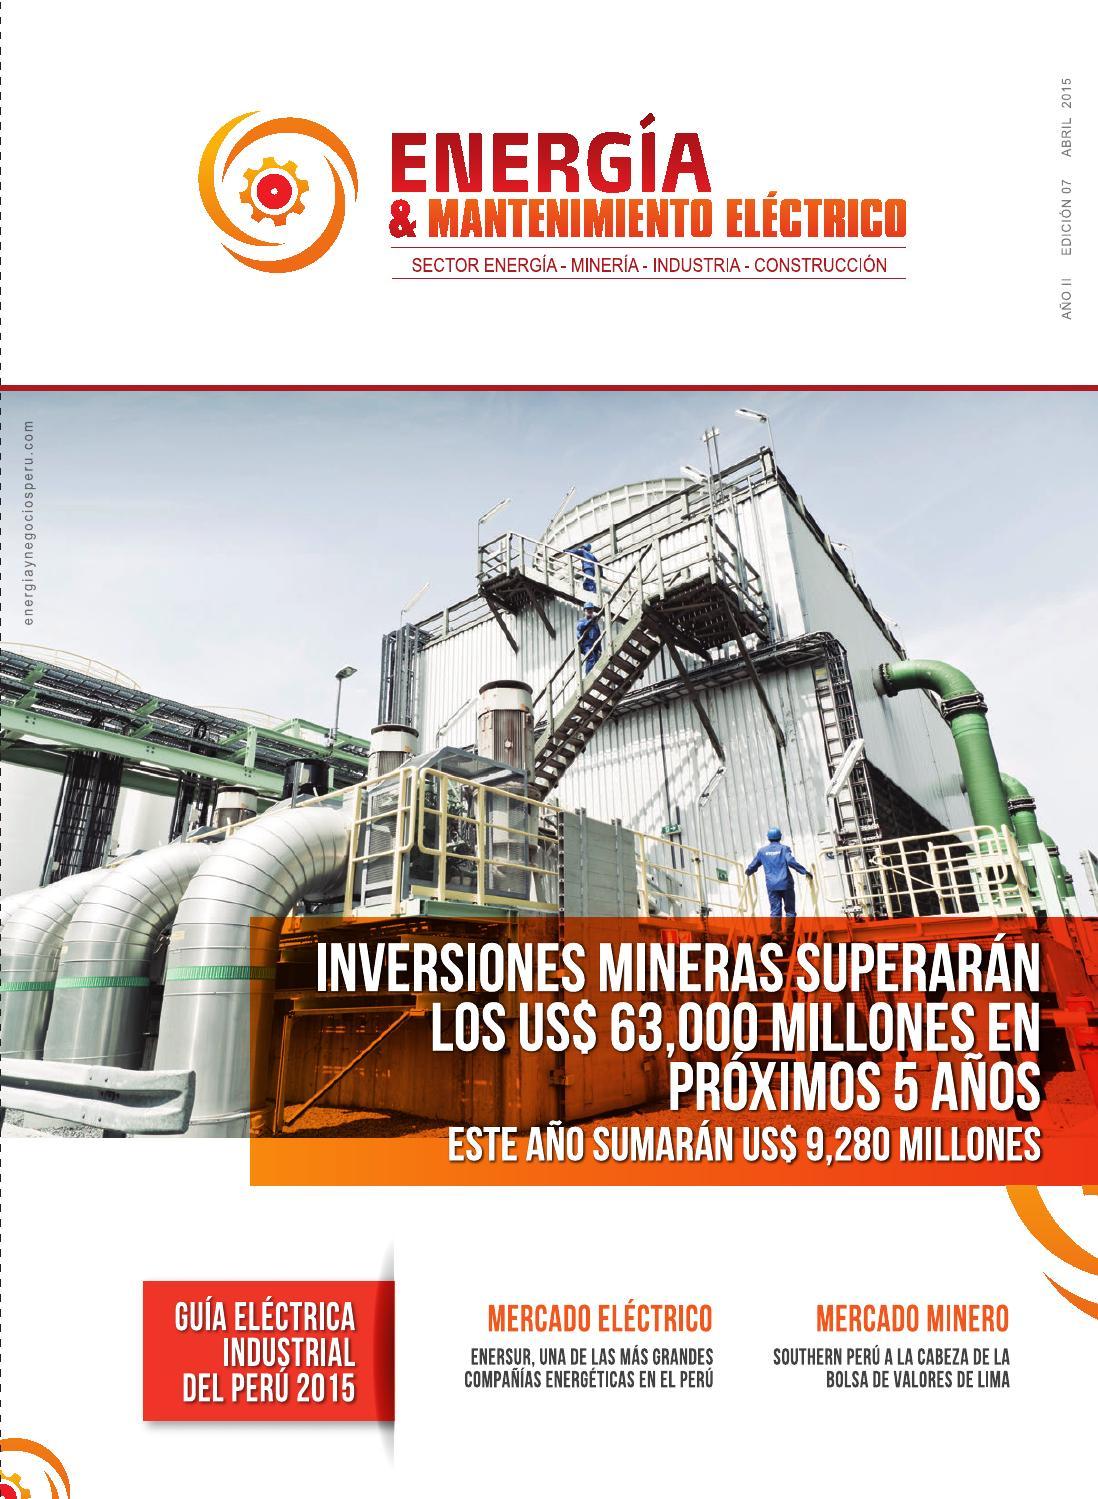 Guía Eléctrica Industrial del Perú 2015 by Energía y Negocios Perú ...